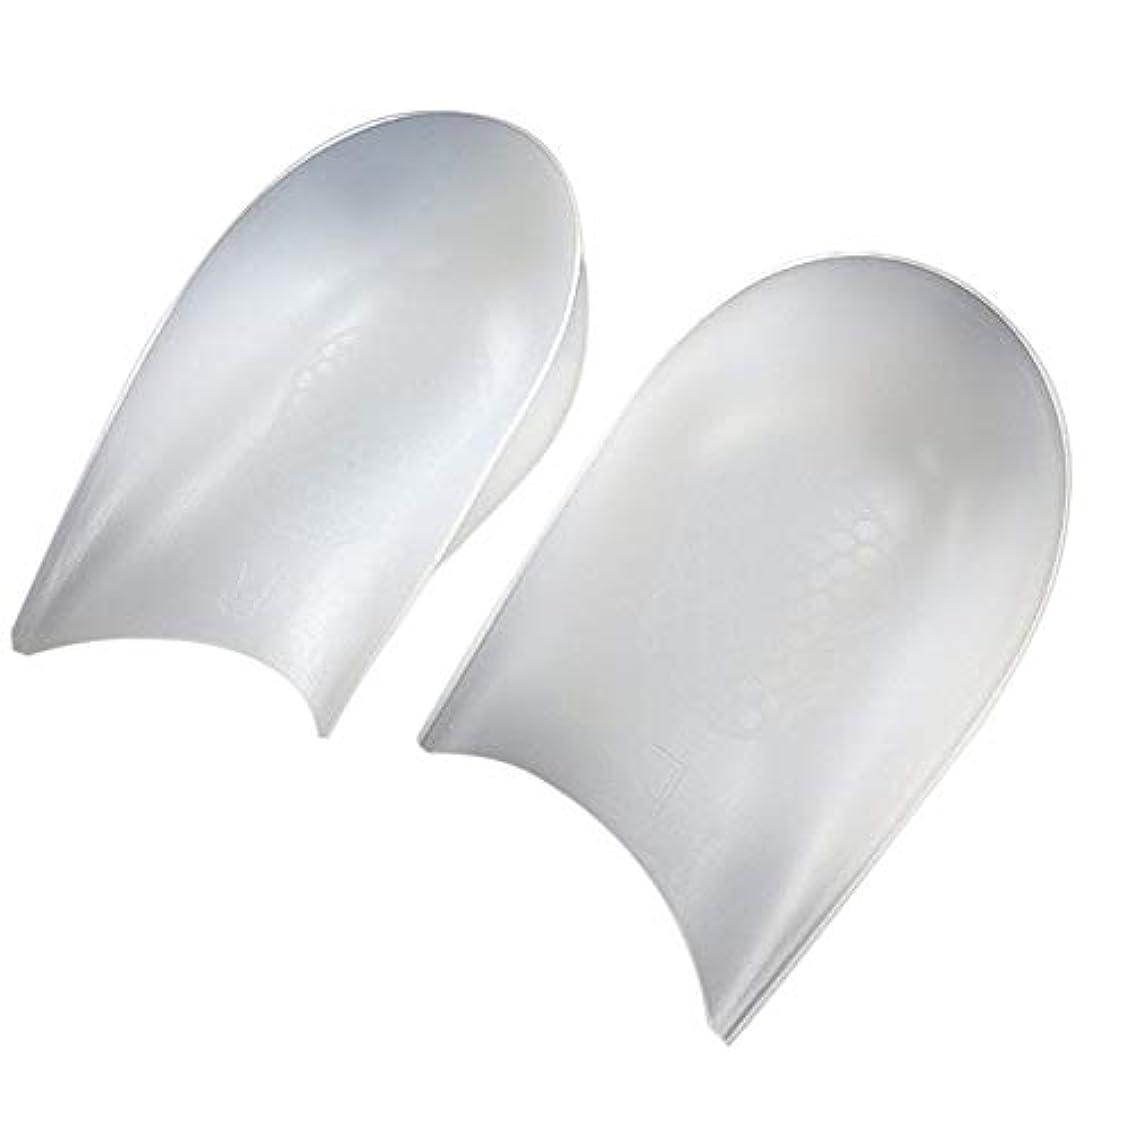 買い手アノイ精査LOCKYOU 目に見えない高さのリフトヒールパッドライナーにより、インソールの衝撃吸収性シリコンヒールパッド1ペア